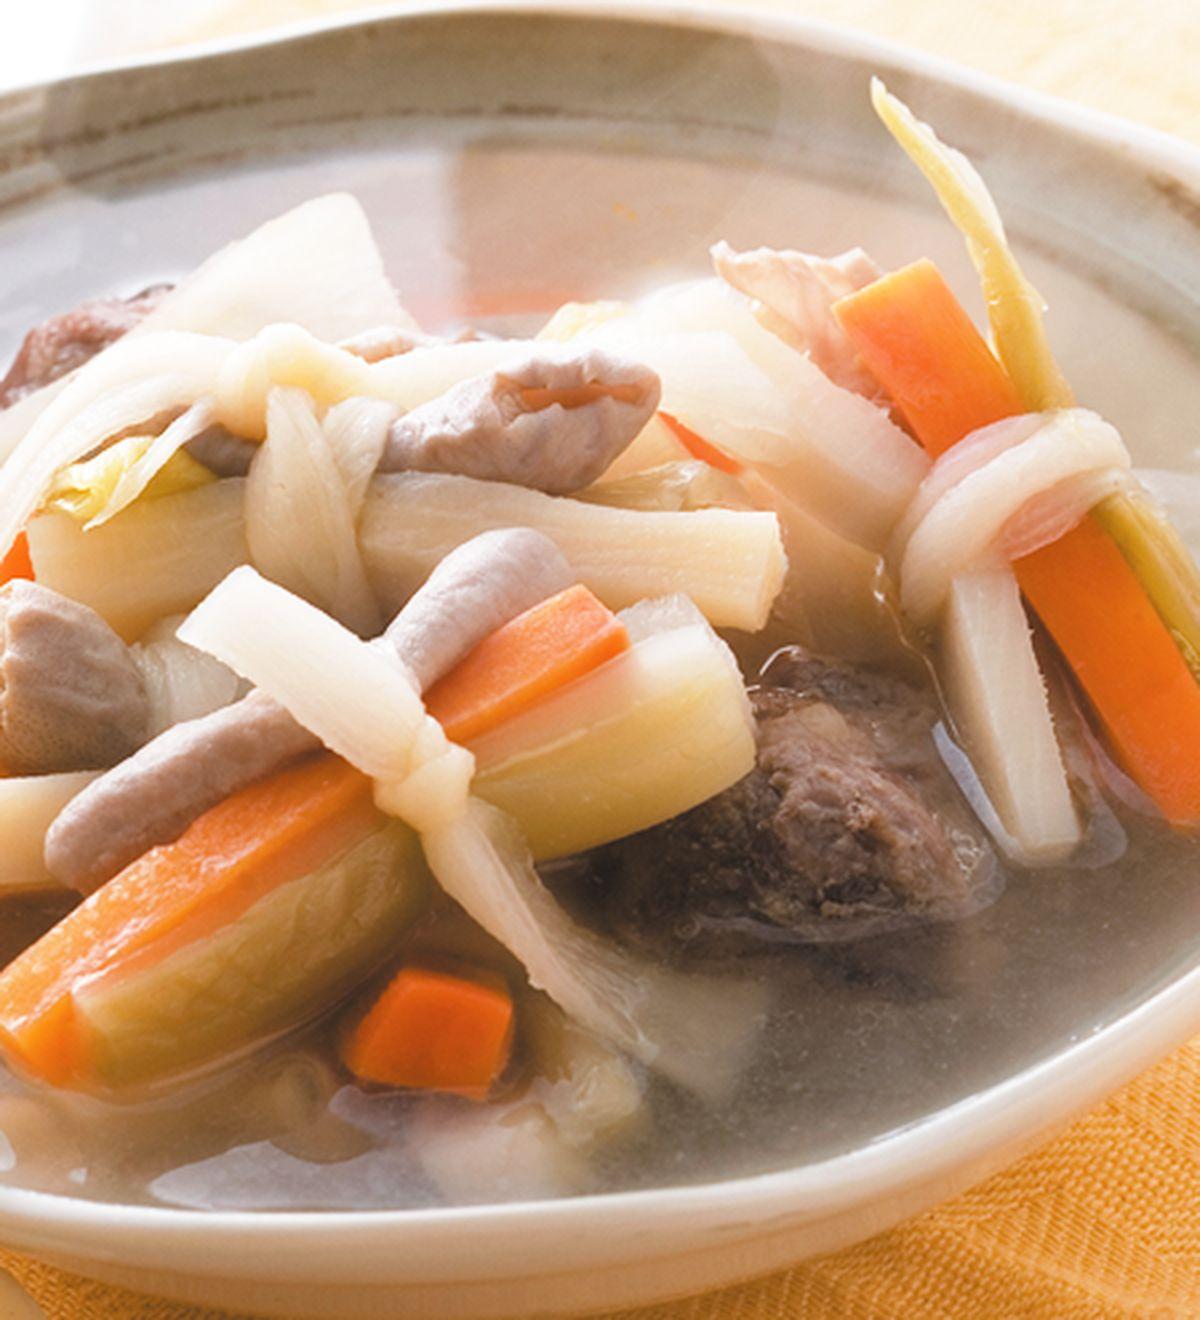 食譜:筍乾豬腸酸菜湯